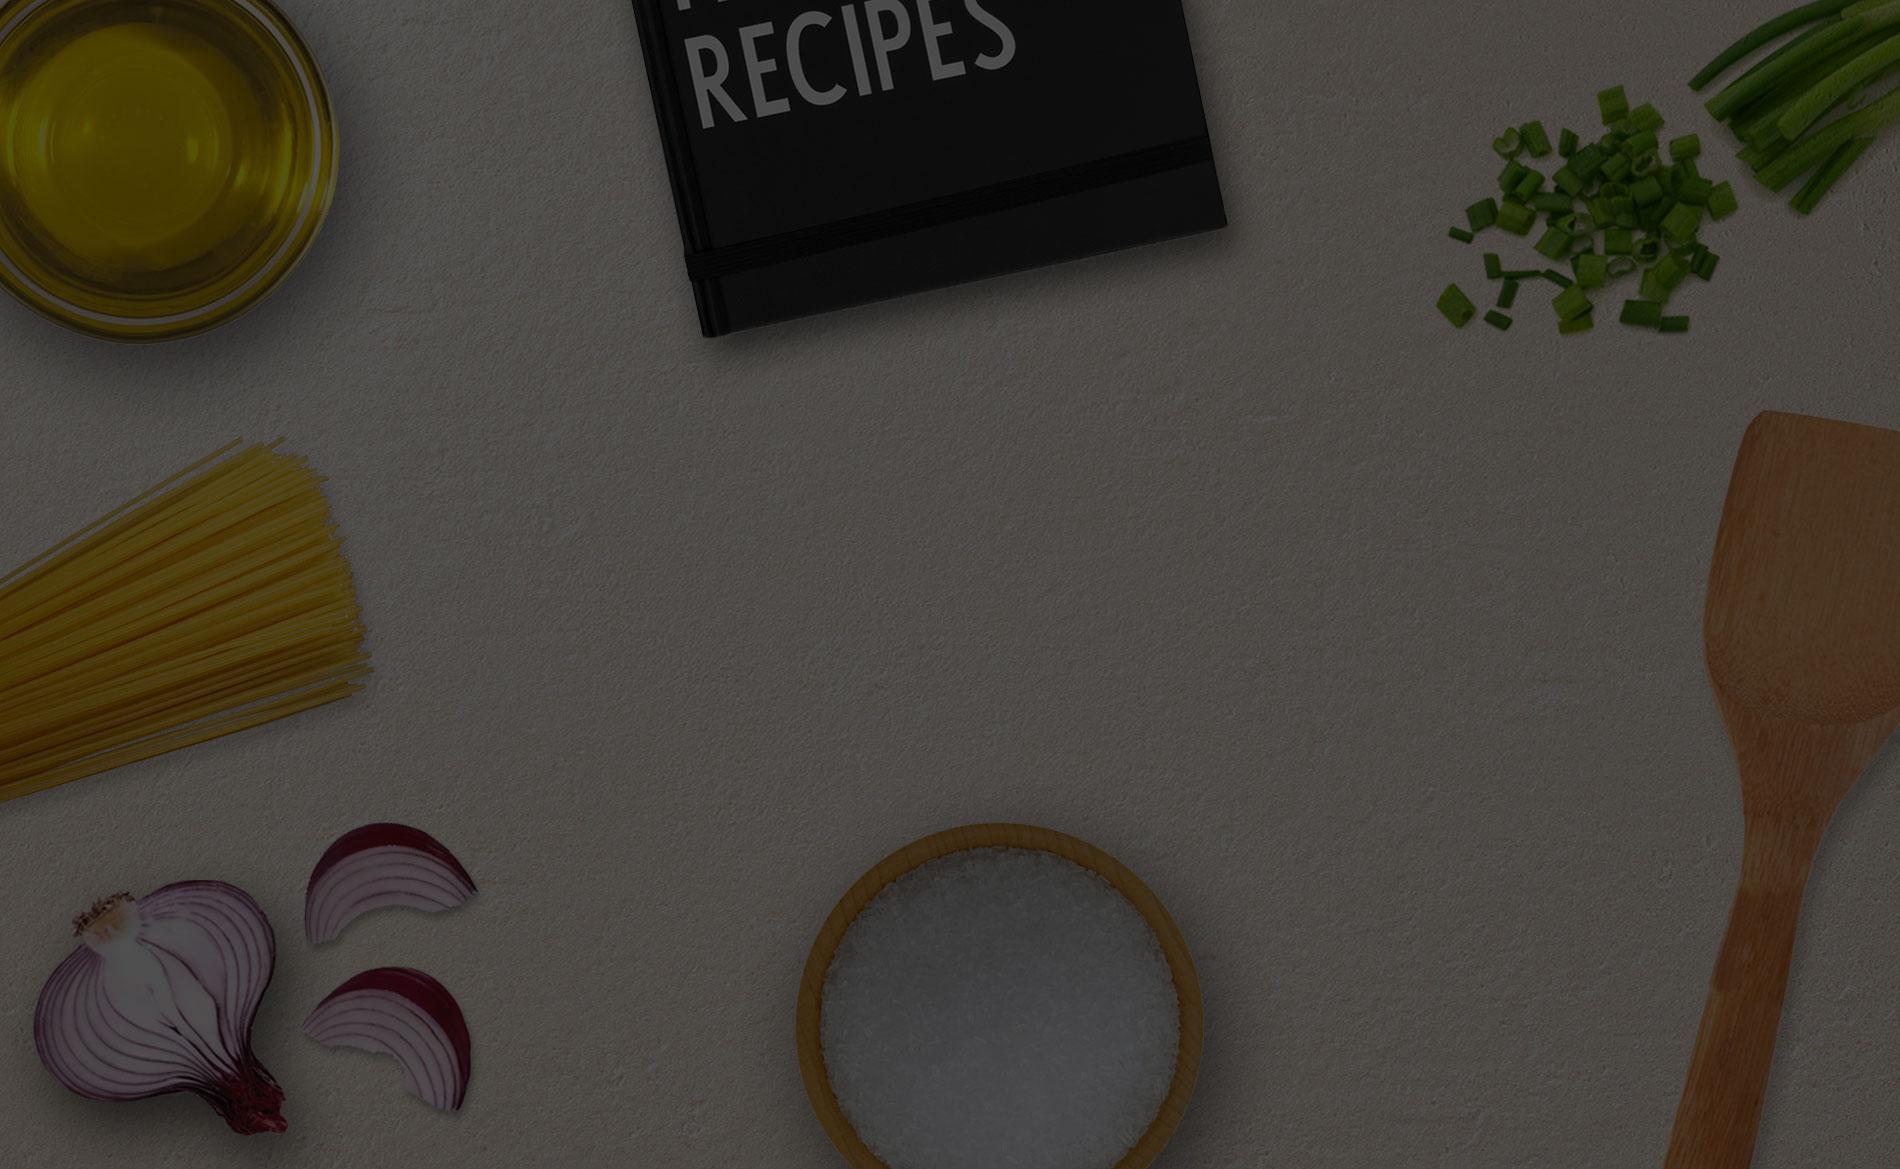 recipes-1900x1169-V2